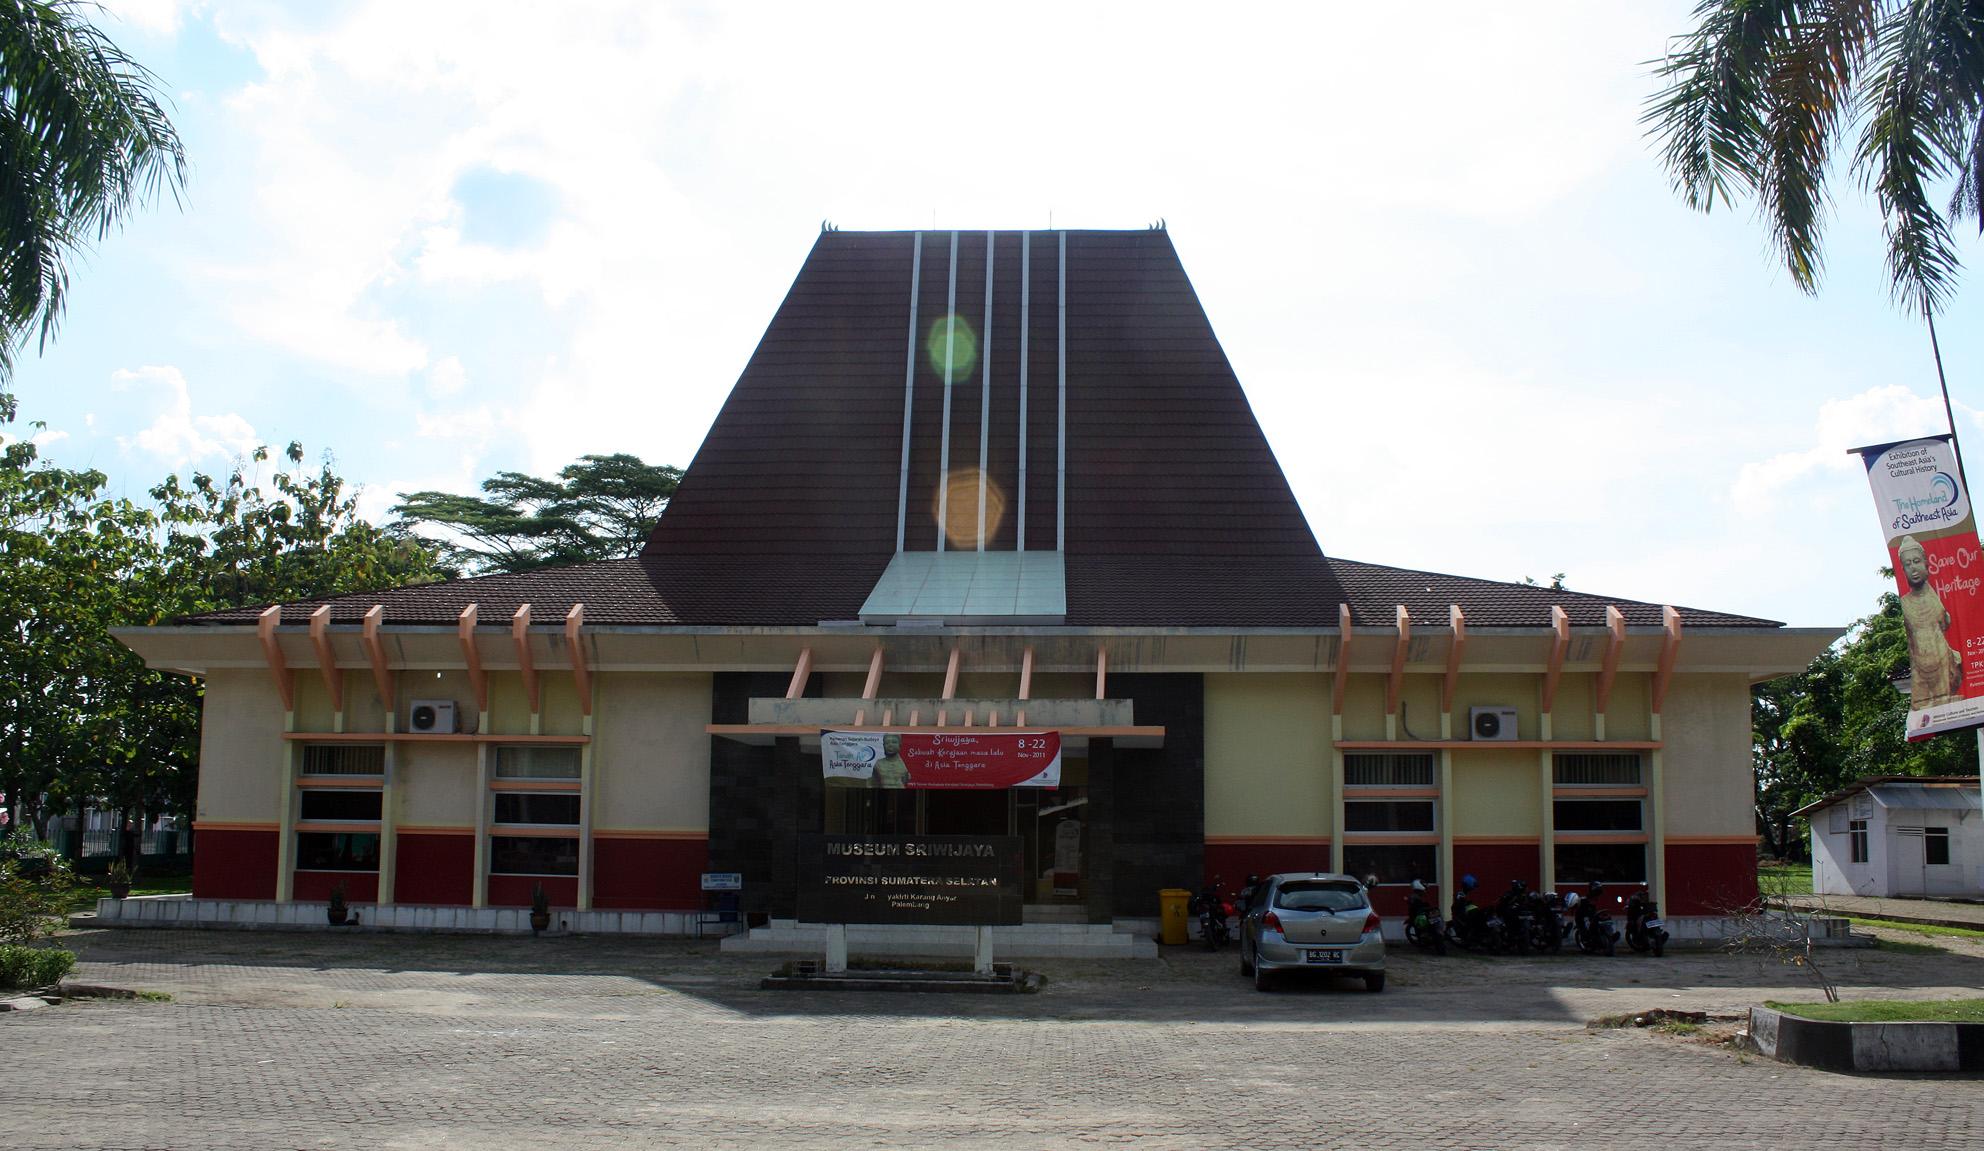 Taman Purbakala Kerajaan Sriwijaya - Museum Sriwijaya.jpg